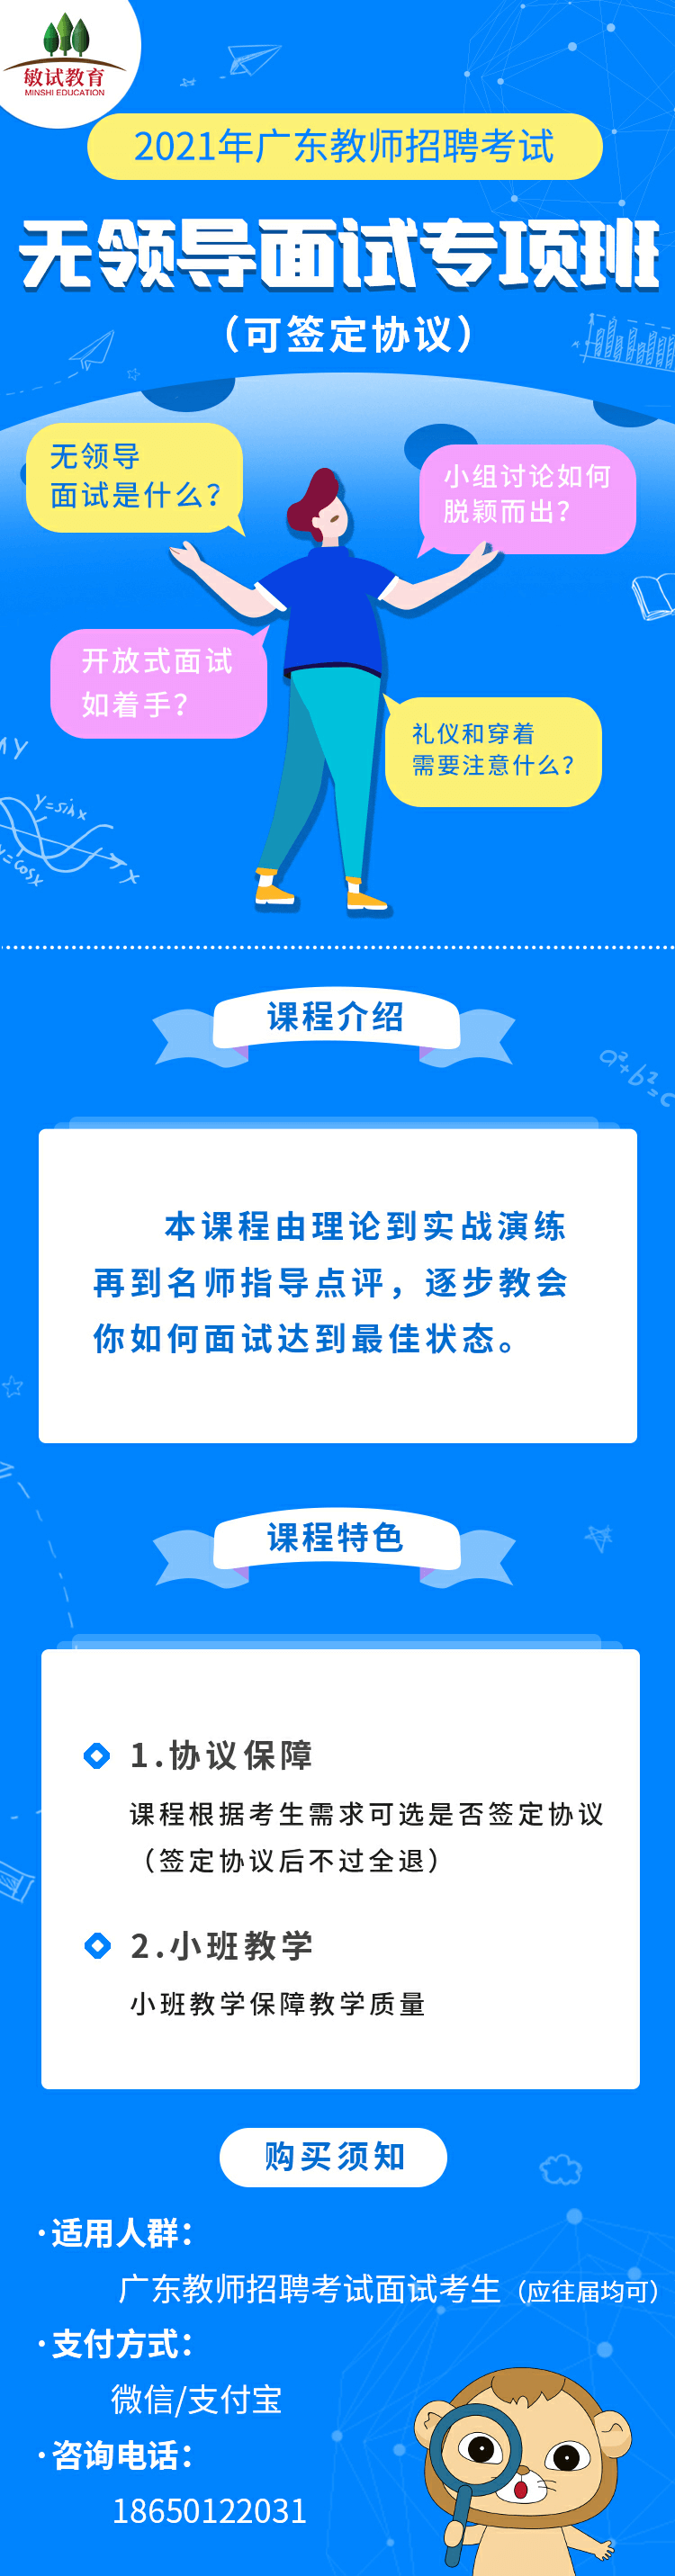 2021广东教师招聘考试培训班:中小学无领导专项班